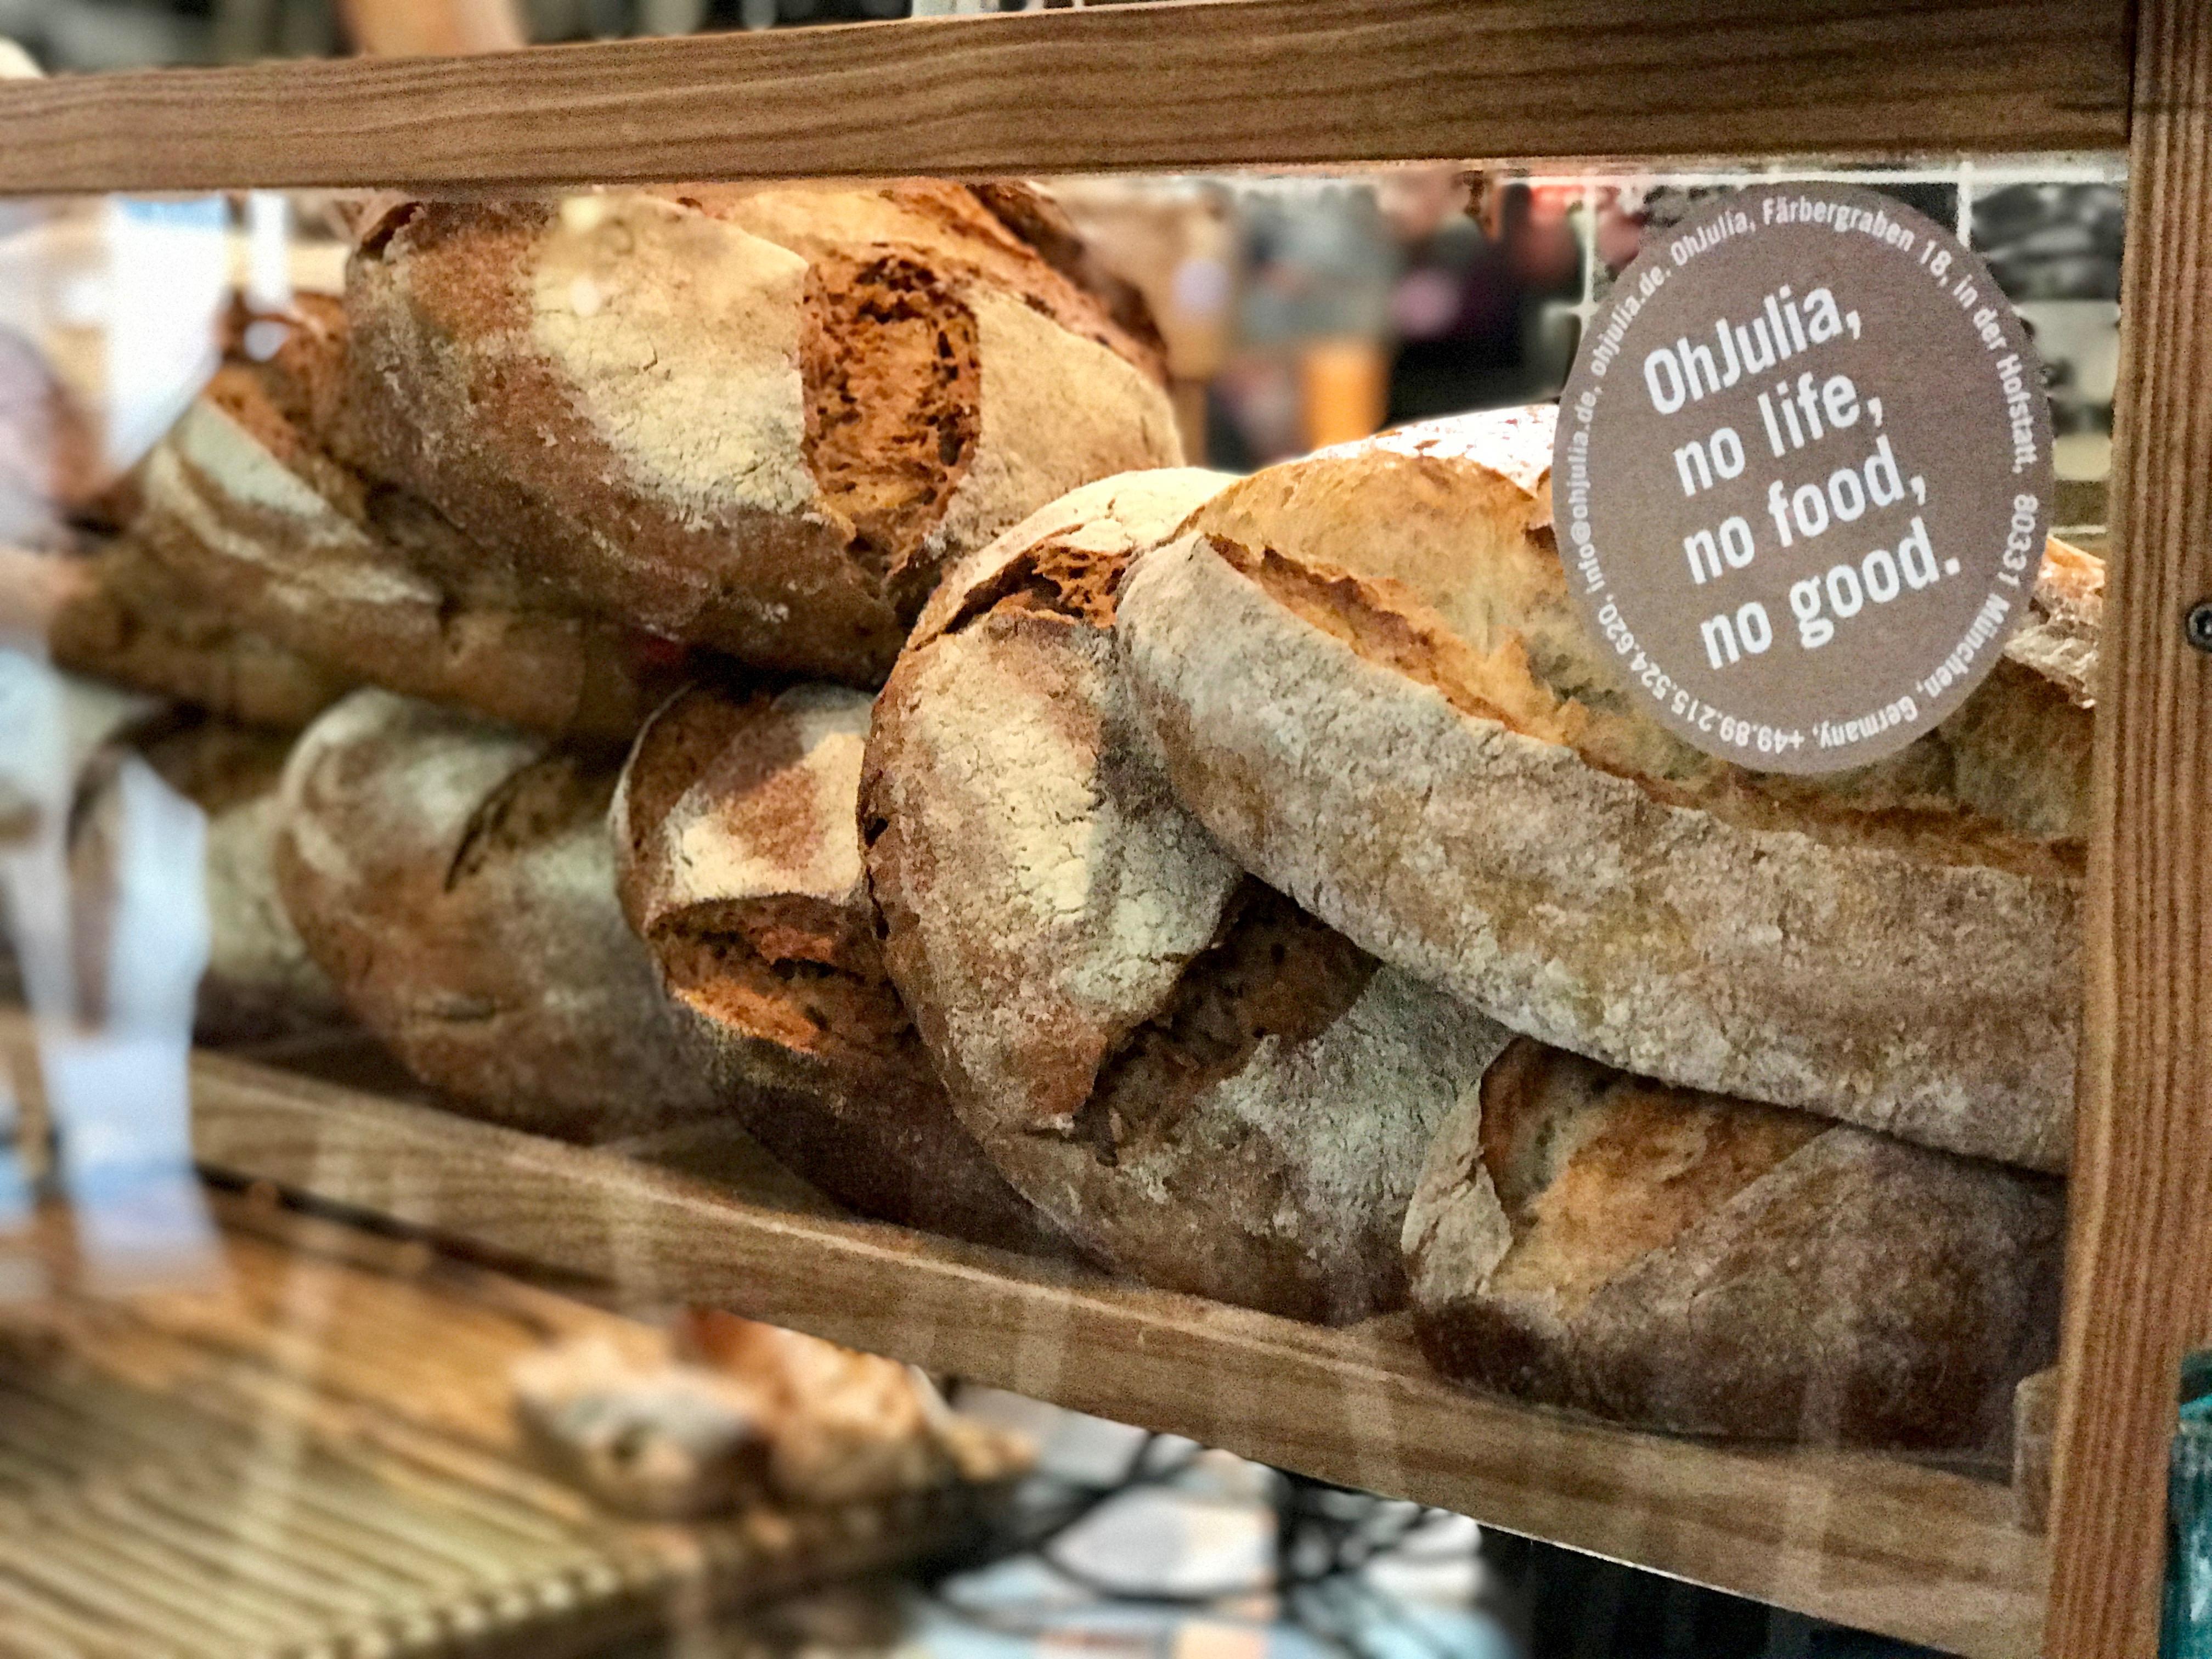 OhJulia! Brot